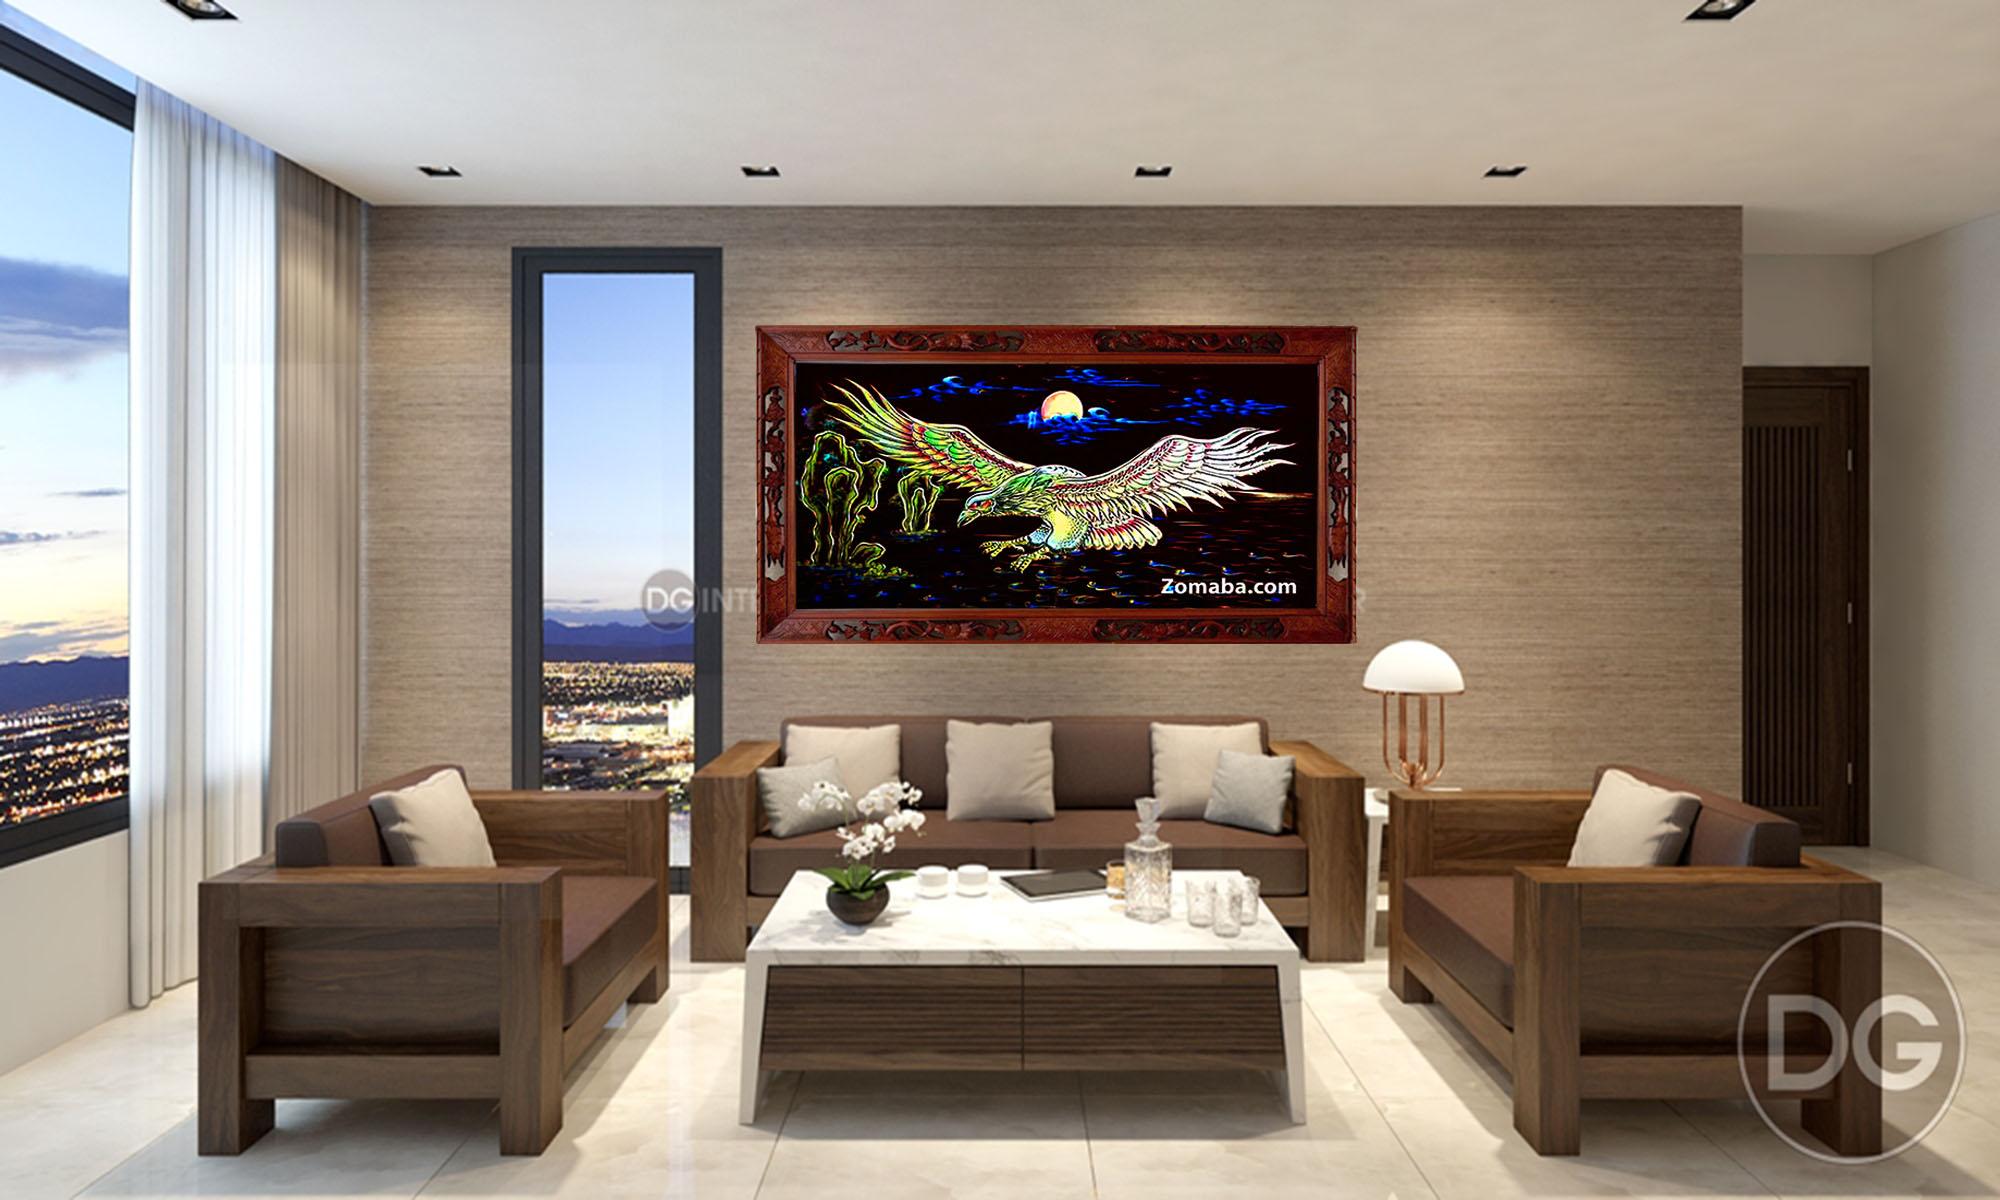 Tranh tặng tân gia nhà mới tphcm - Tranh sơn mài - Malanaz.com sale off 40%